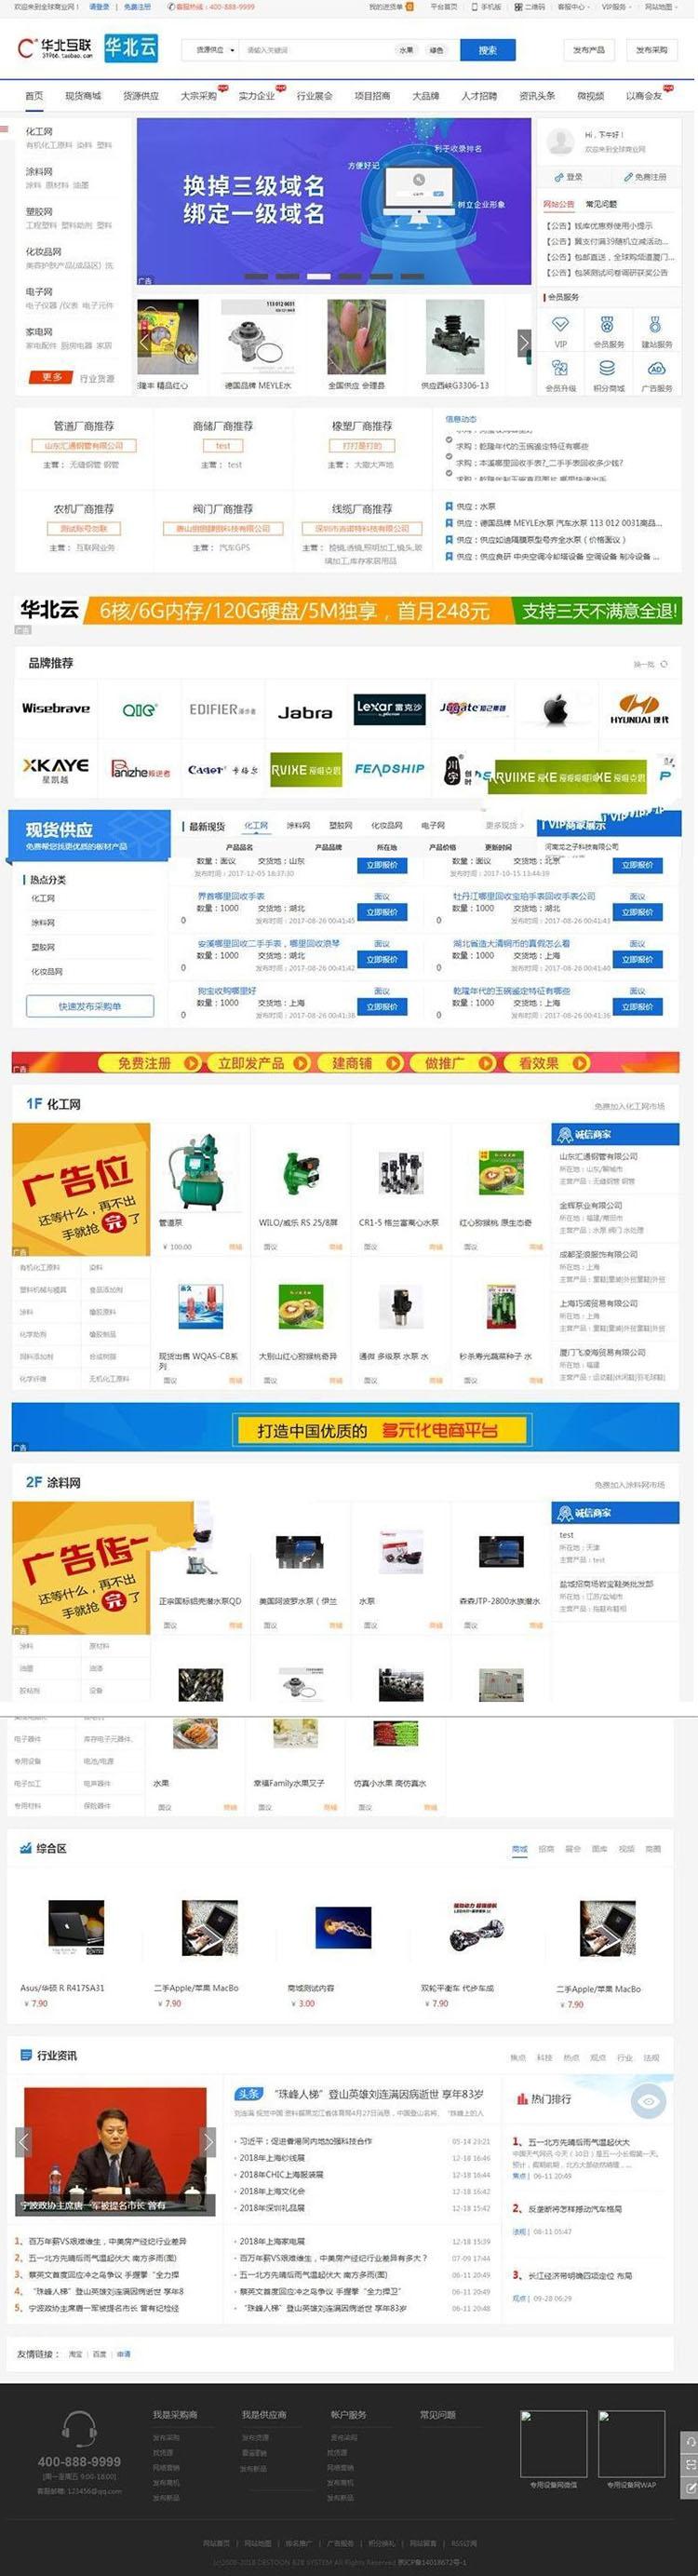 最新destoon7.0蓝色行业b2b门户网站整站源码带数据 PC+手机端-图1